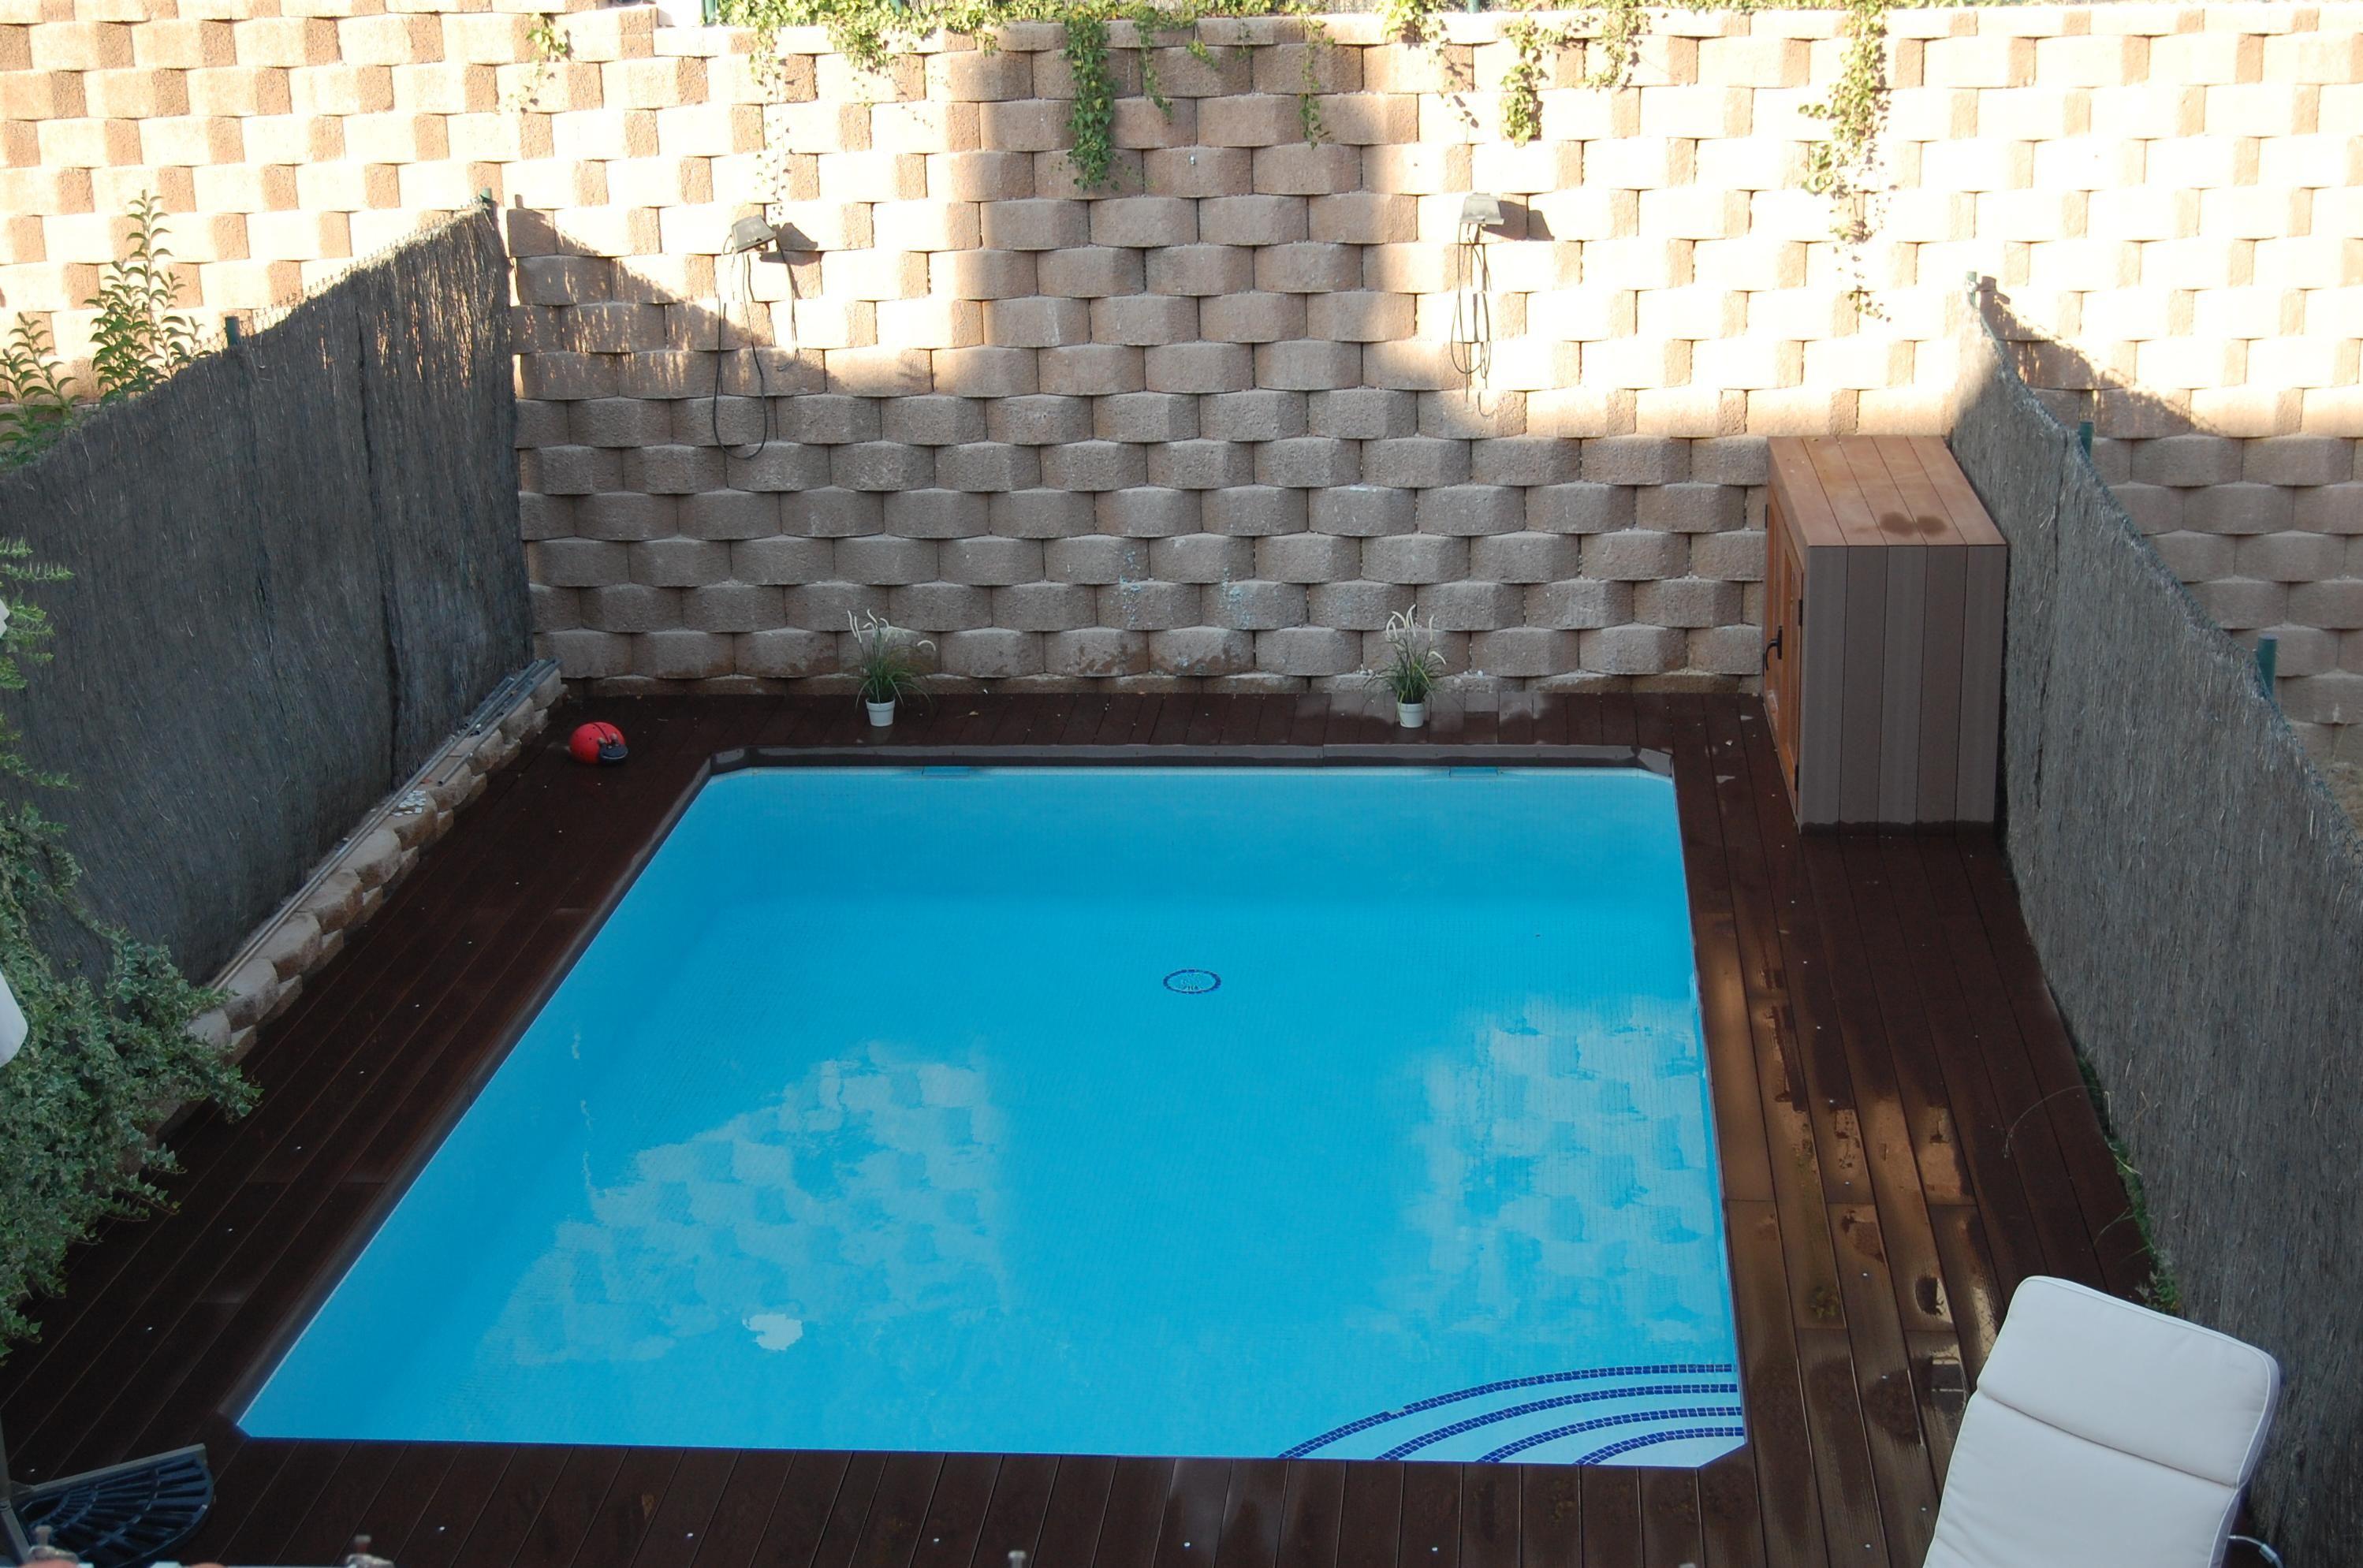 Piscina g nitada de 6x5 con escalera romana interior - Gresite piscinas colores ...